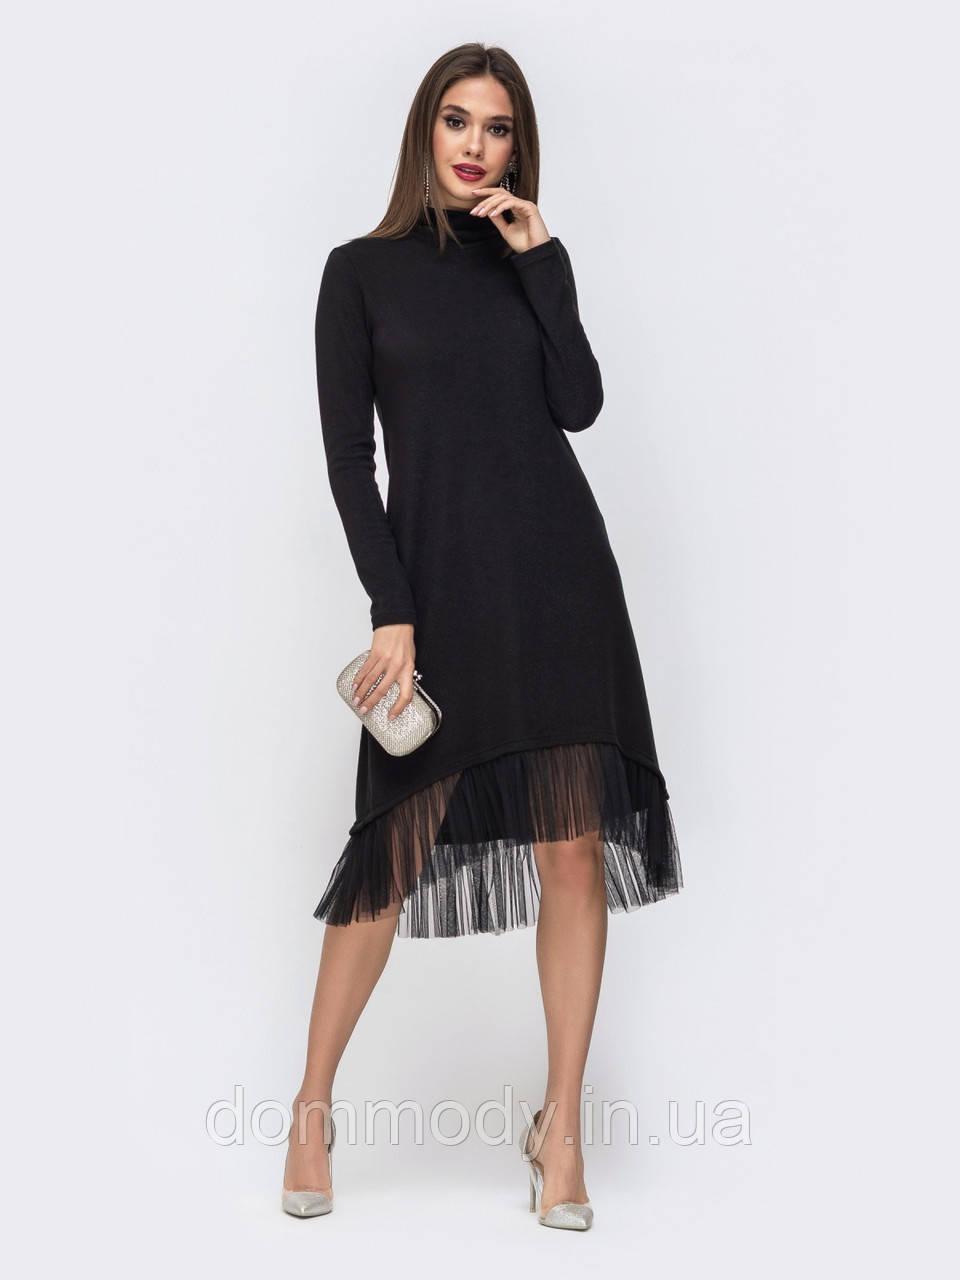 Сукня жіноча Ane black